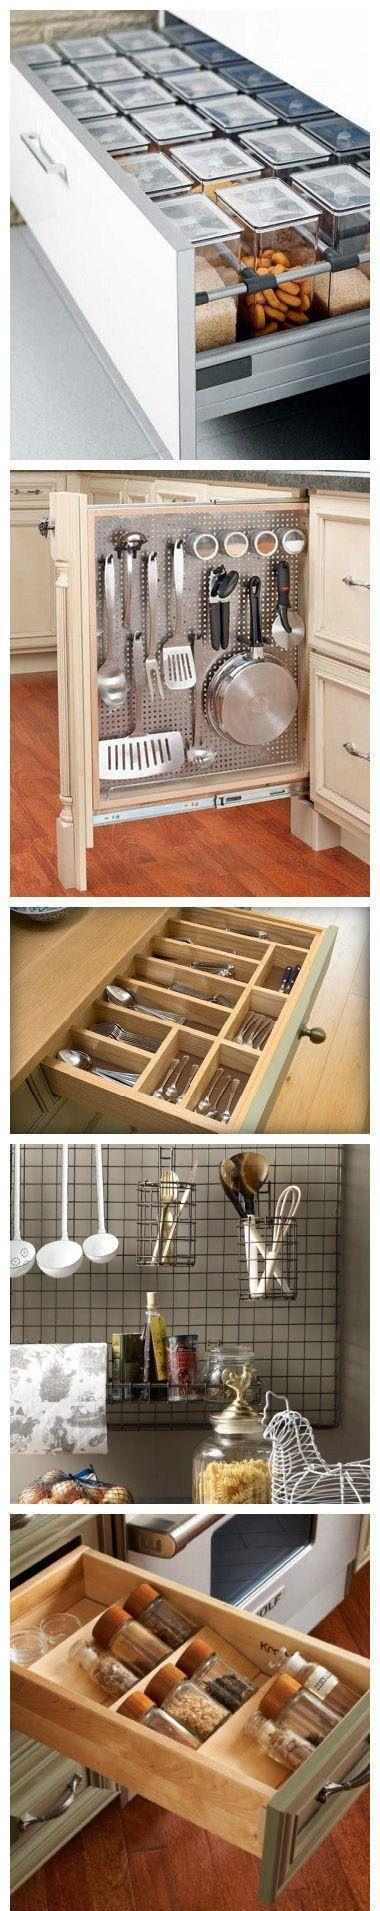 Ideas de orden y almacenaje para tu cocina